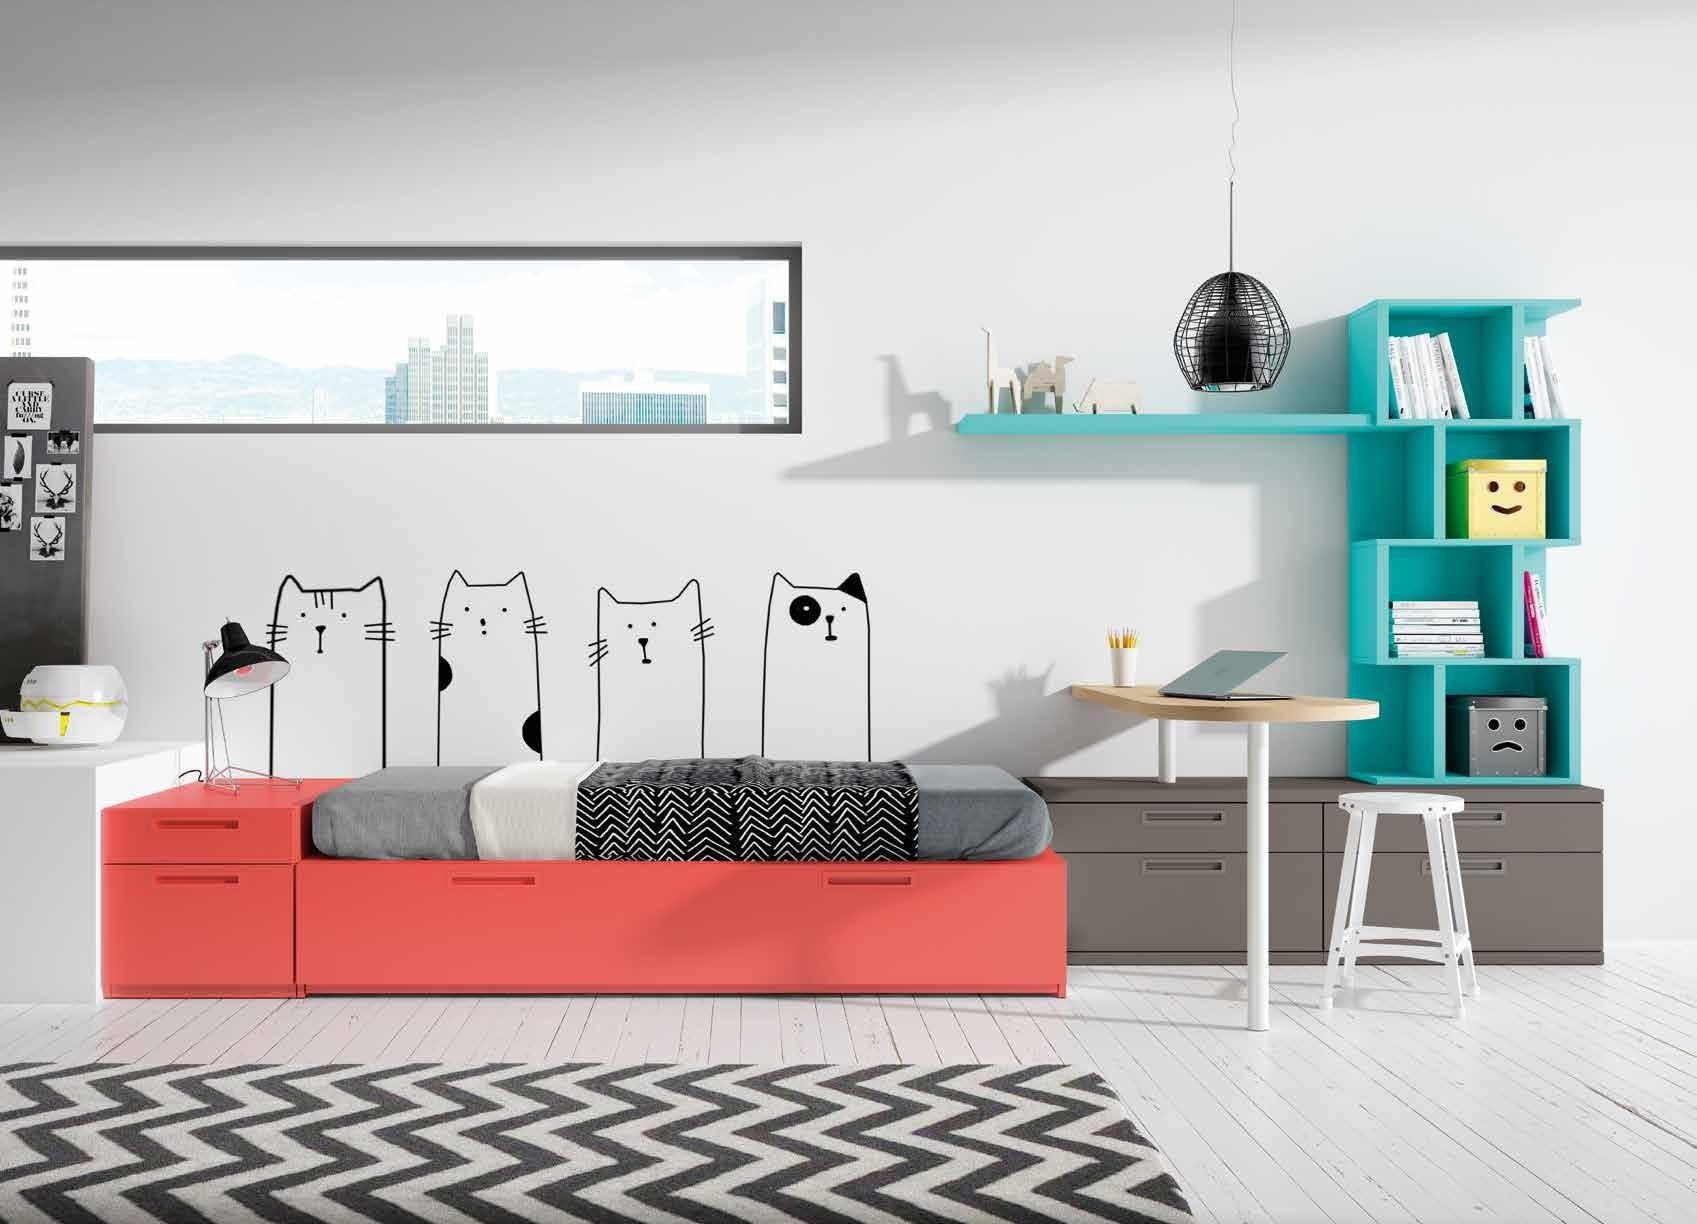 Dormitorio Juvenil Petsa A Dormitorio Juvenil con Cama Nido Modular Tatami. Muebles Díaz